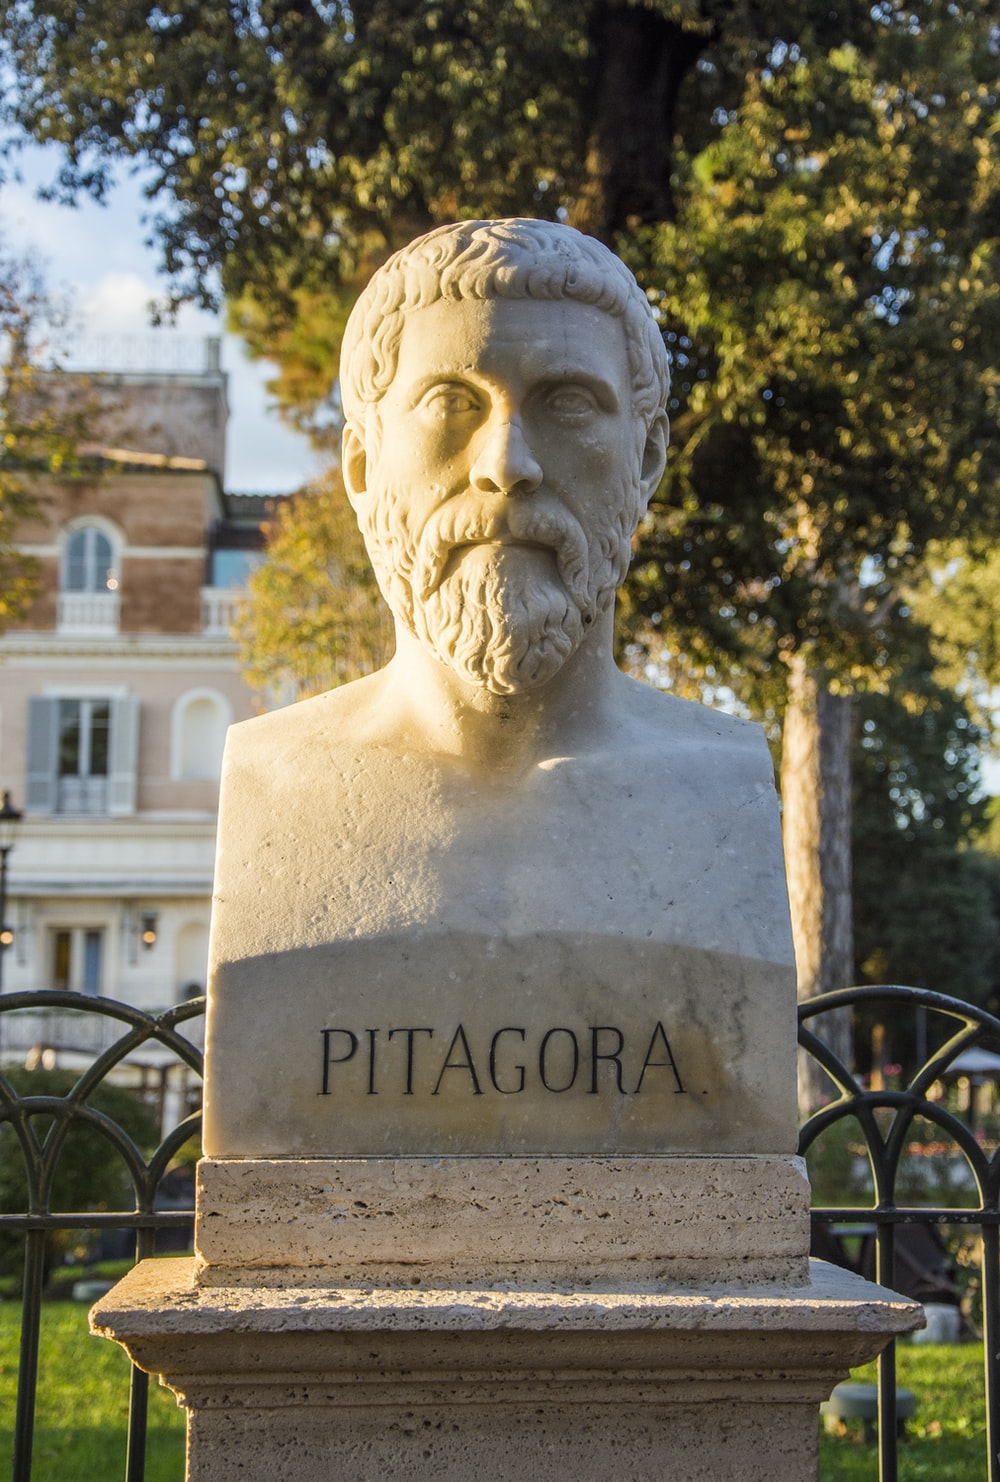 Pitagoria bust